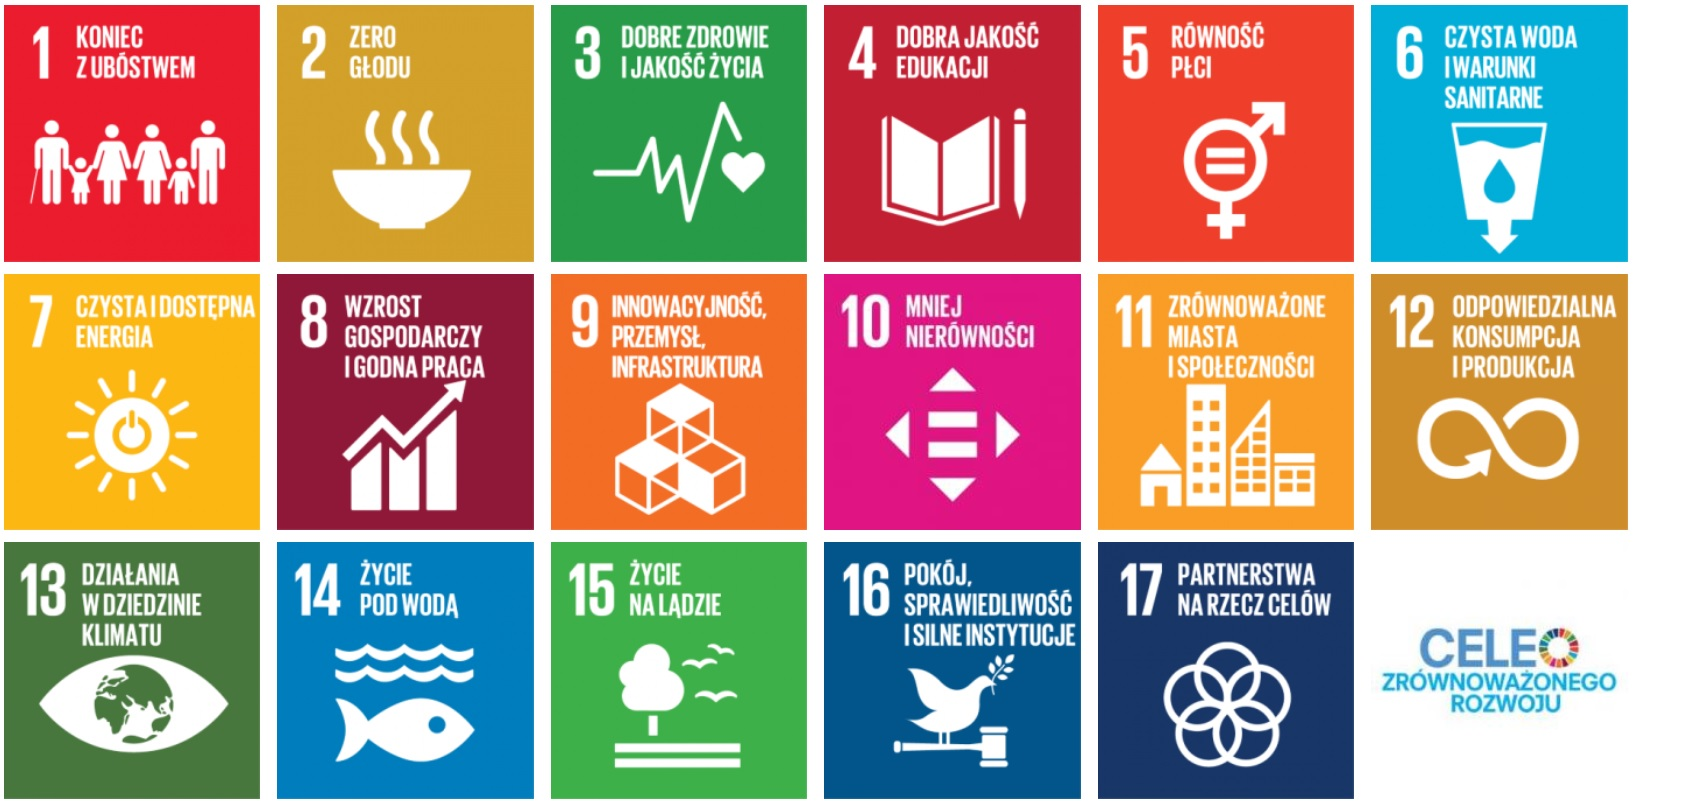 Godna płaca dla każdego - Cele Zrównoważonego Rozwoju